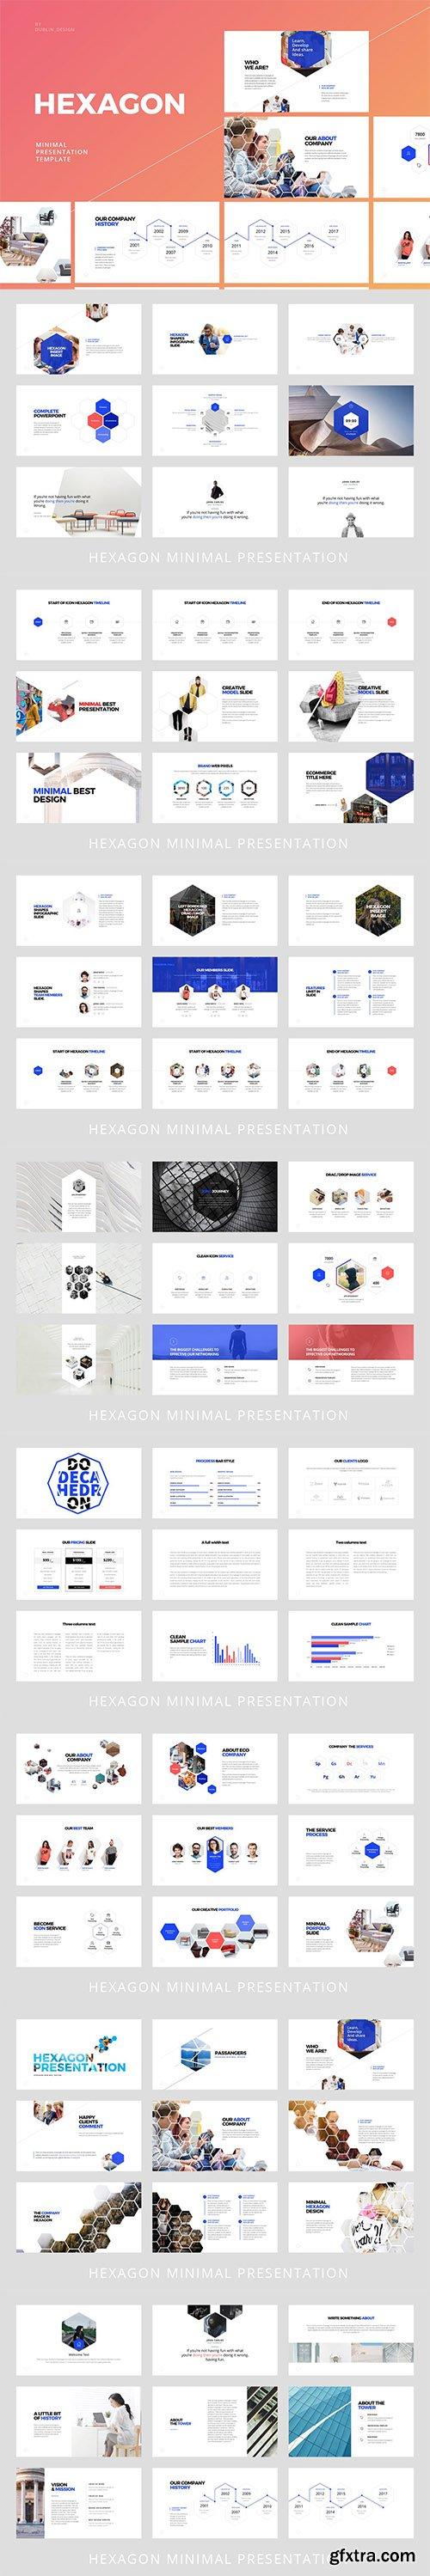 Hexagon - Powerpoint Template